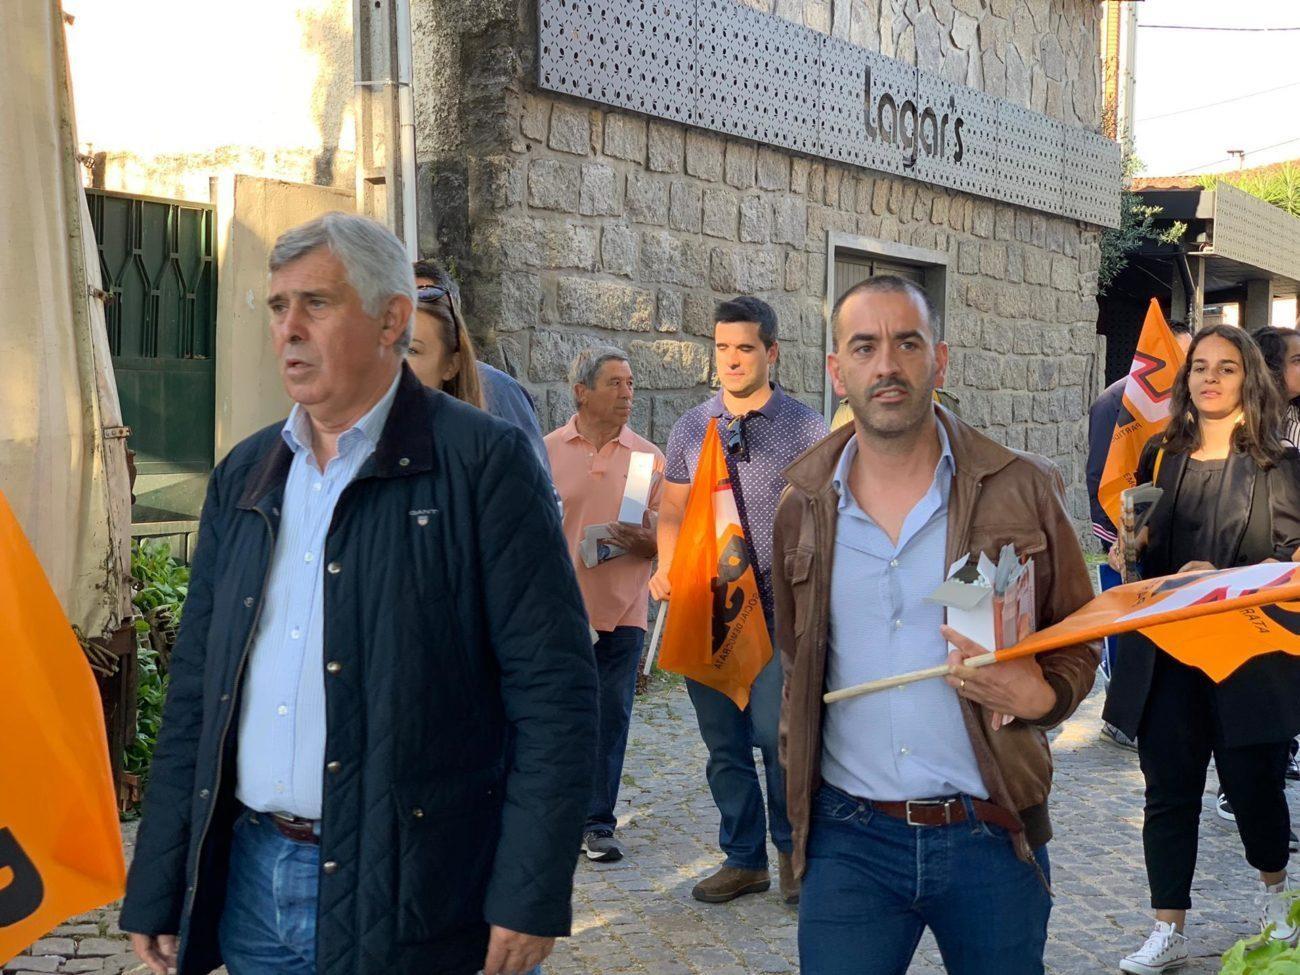 EUROPEIAS – PSD Amares juntou-se a José Manuel Fernandes na campanha para as Europeias